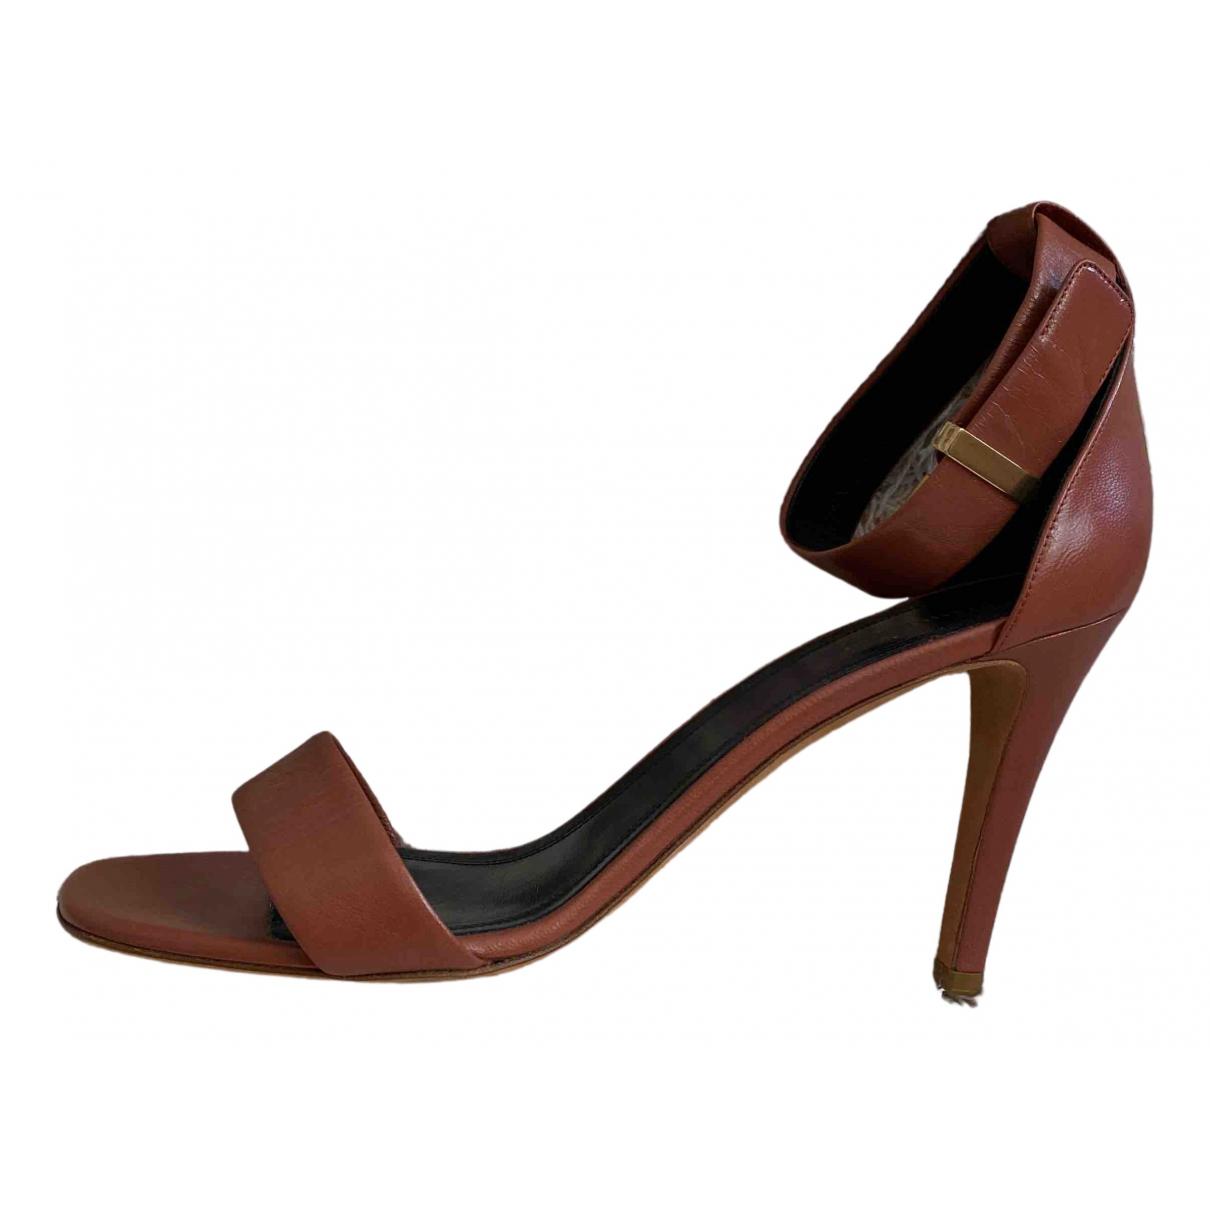 Celine - Sandales   pour femme en cuir - camel